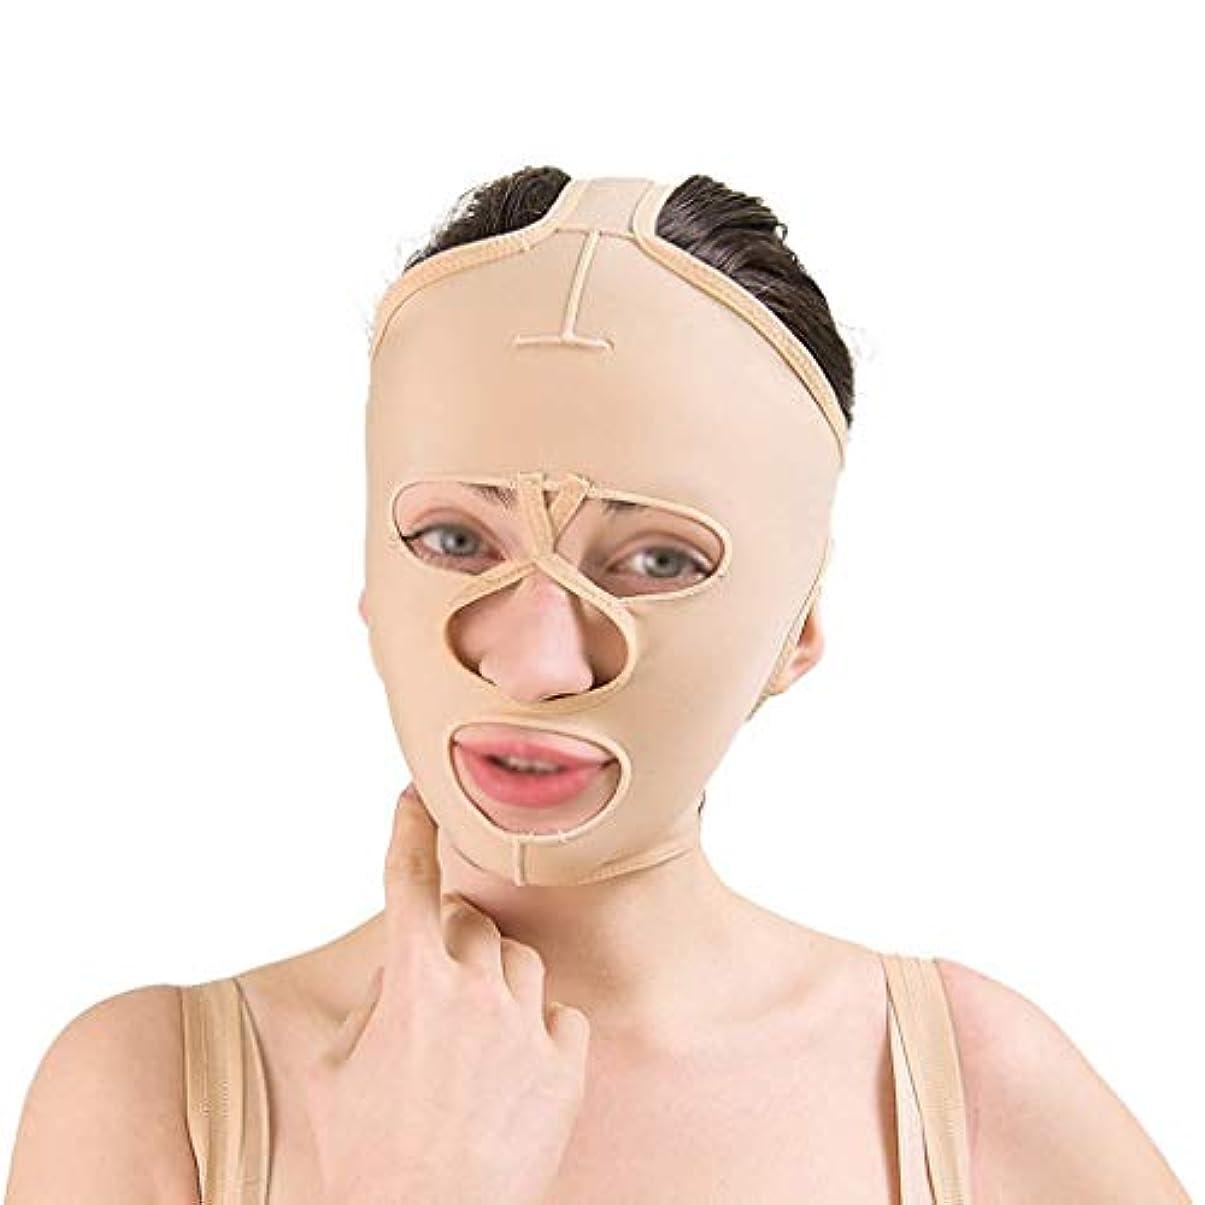 文献エントリゆるくフェイシャルリフティングツール、フェイシャルビューティーリフティングマスク、通気性引き締めリフティングフェイシャル包帯、フェイシャルタイトバンデージ(サイズ:L),ザ?